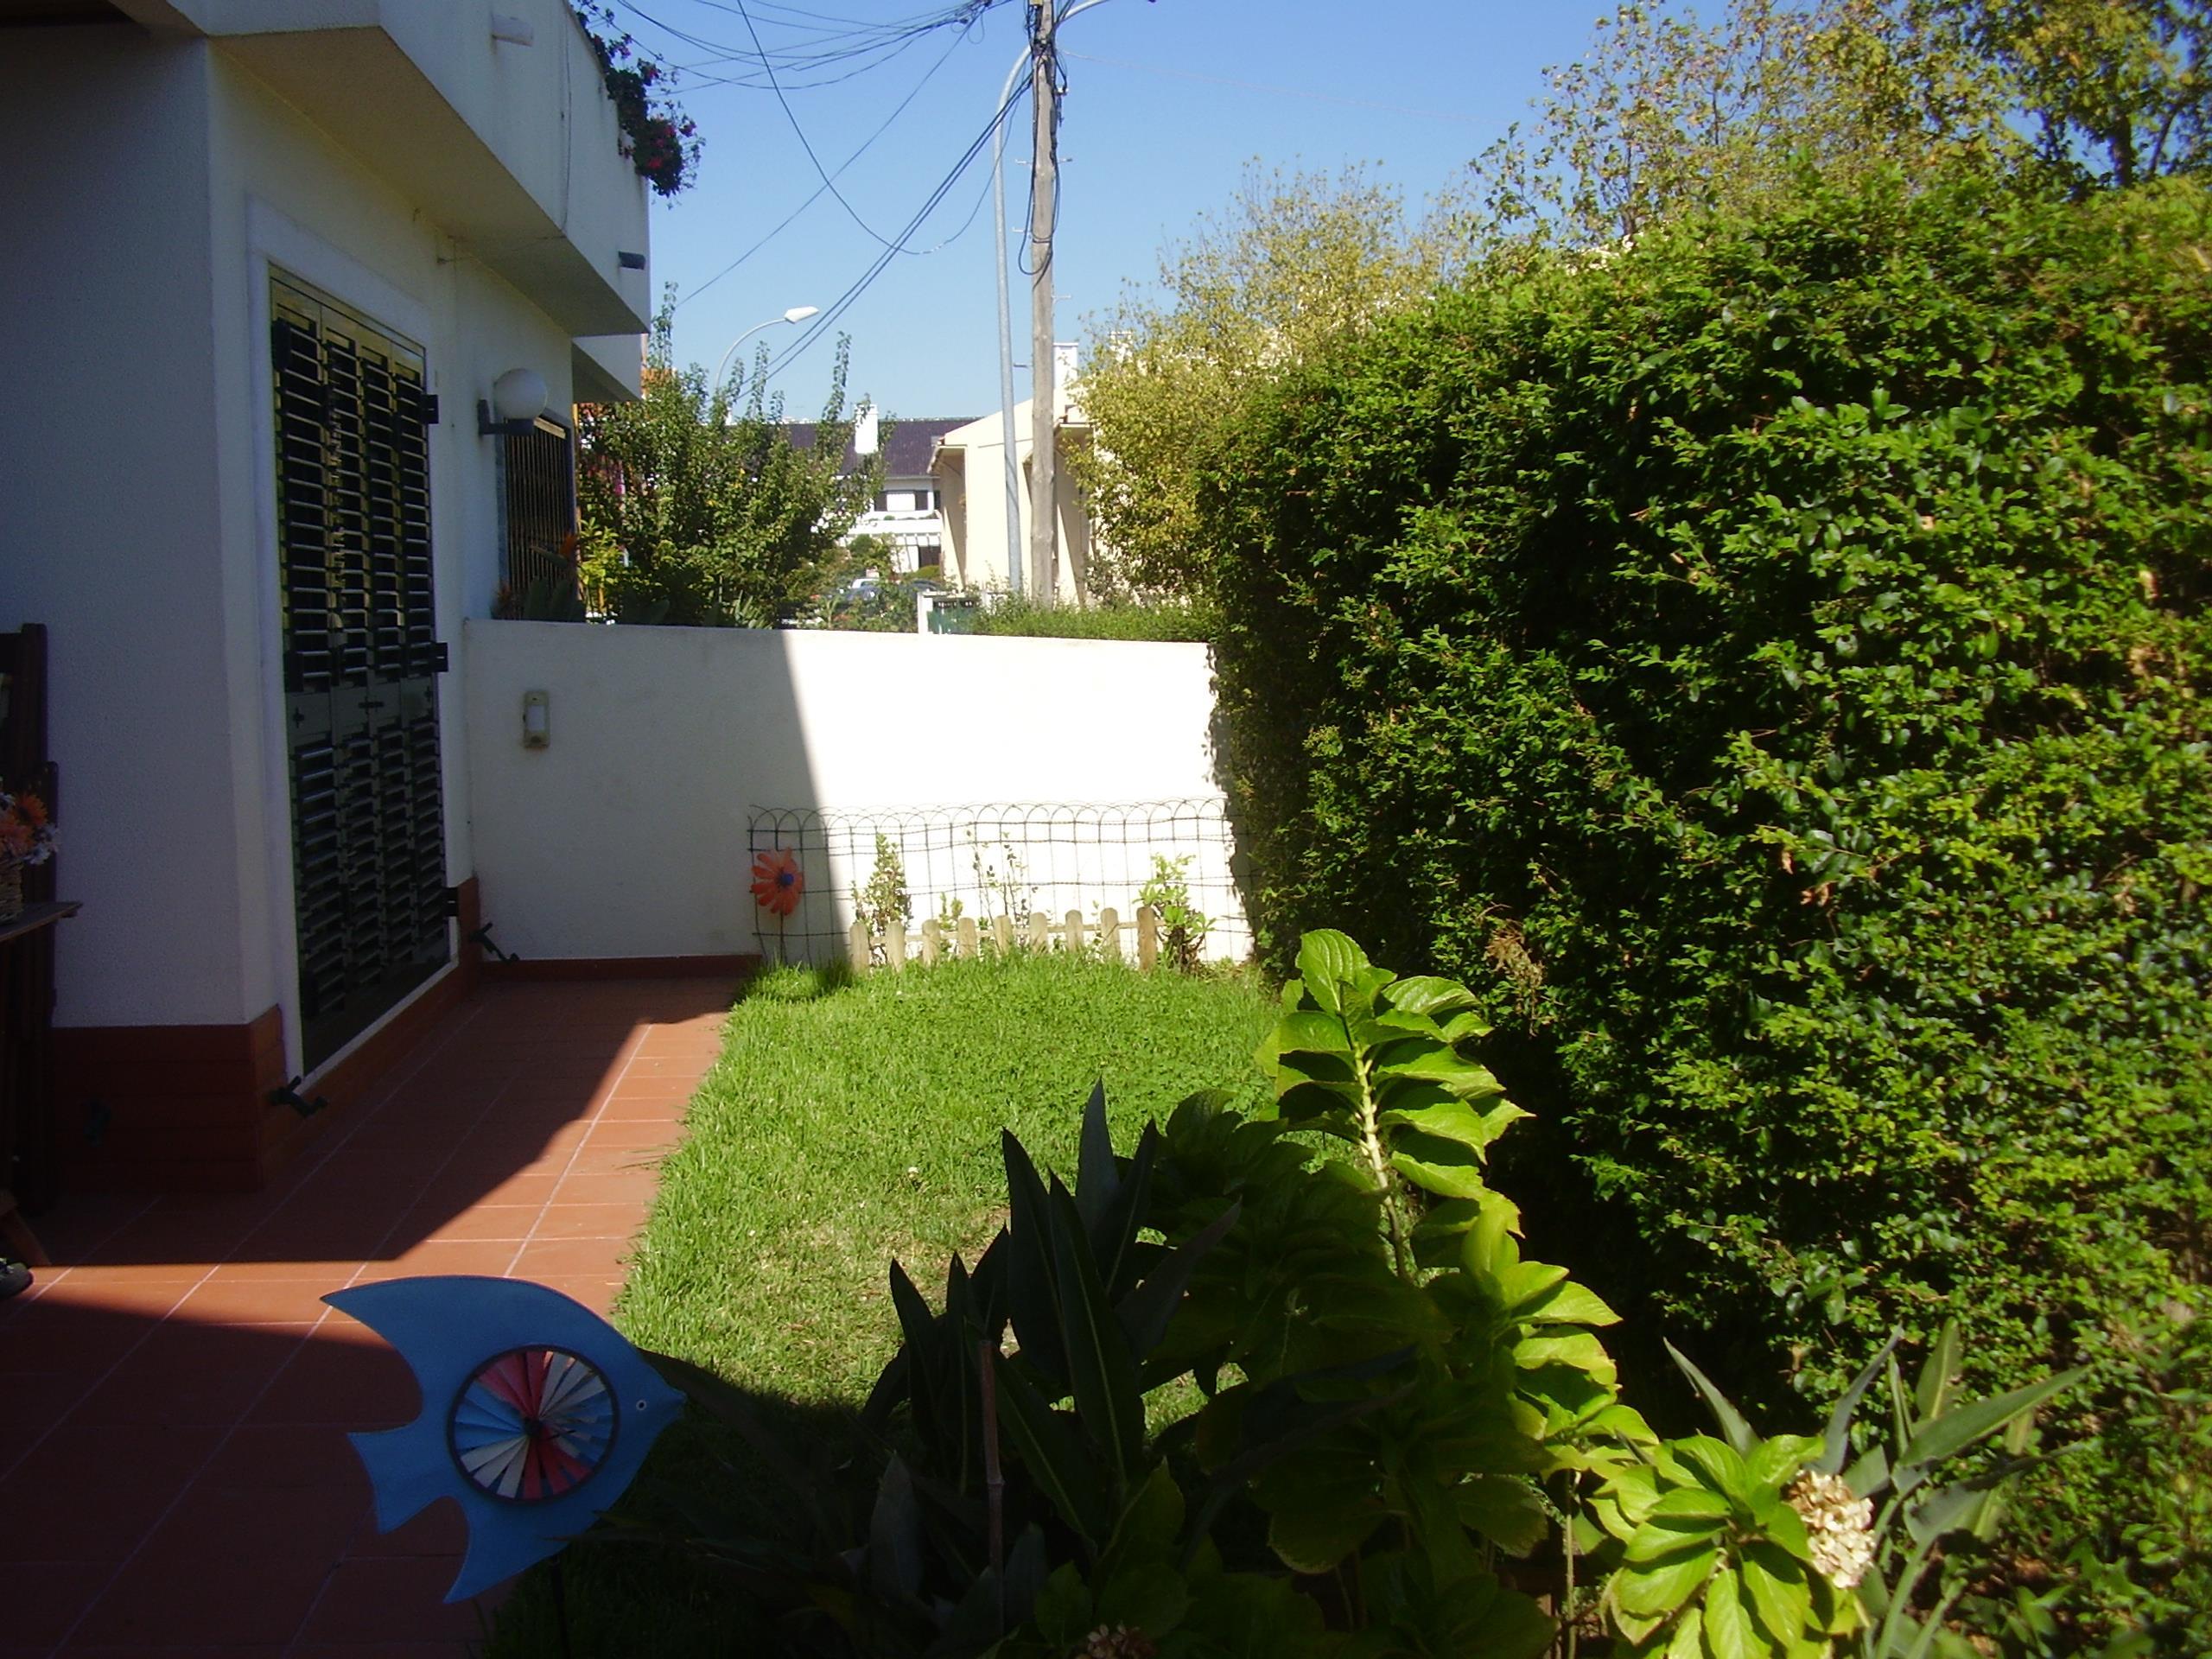 Maison unifamiliale pour l Vente à Semi-detached house, 6 bedrooms, for Sale Oeiras, Lisbonne, 2790-037 Portugal